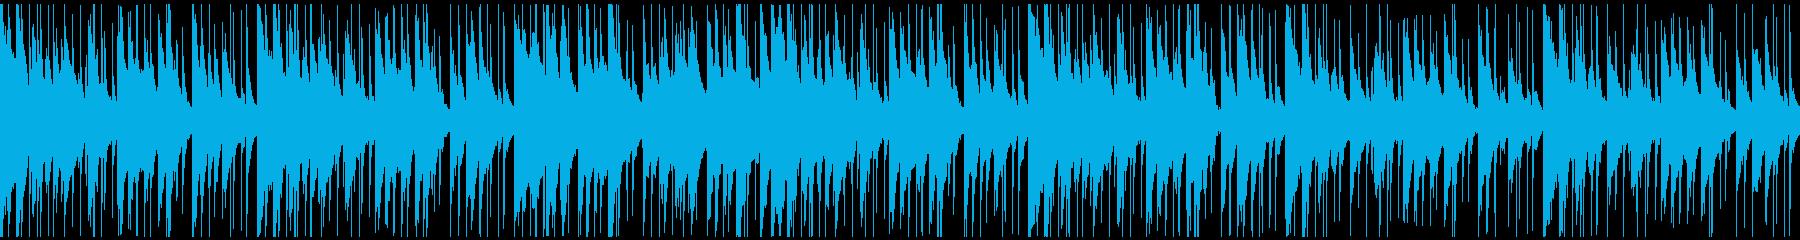 ジャズ/ピアノトリオ/明るいの再生済みの波形